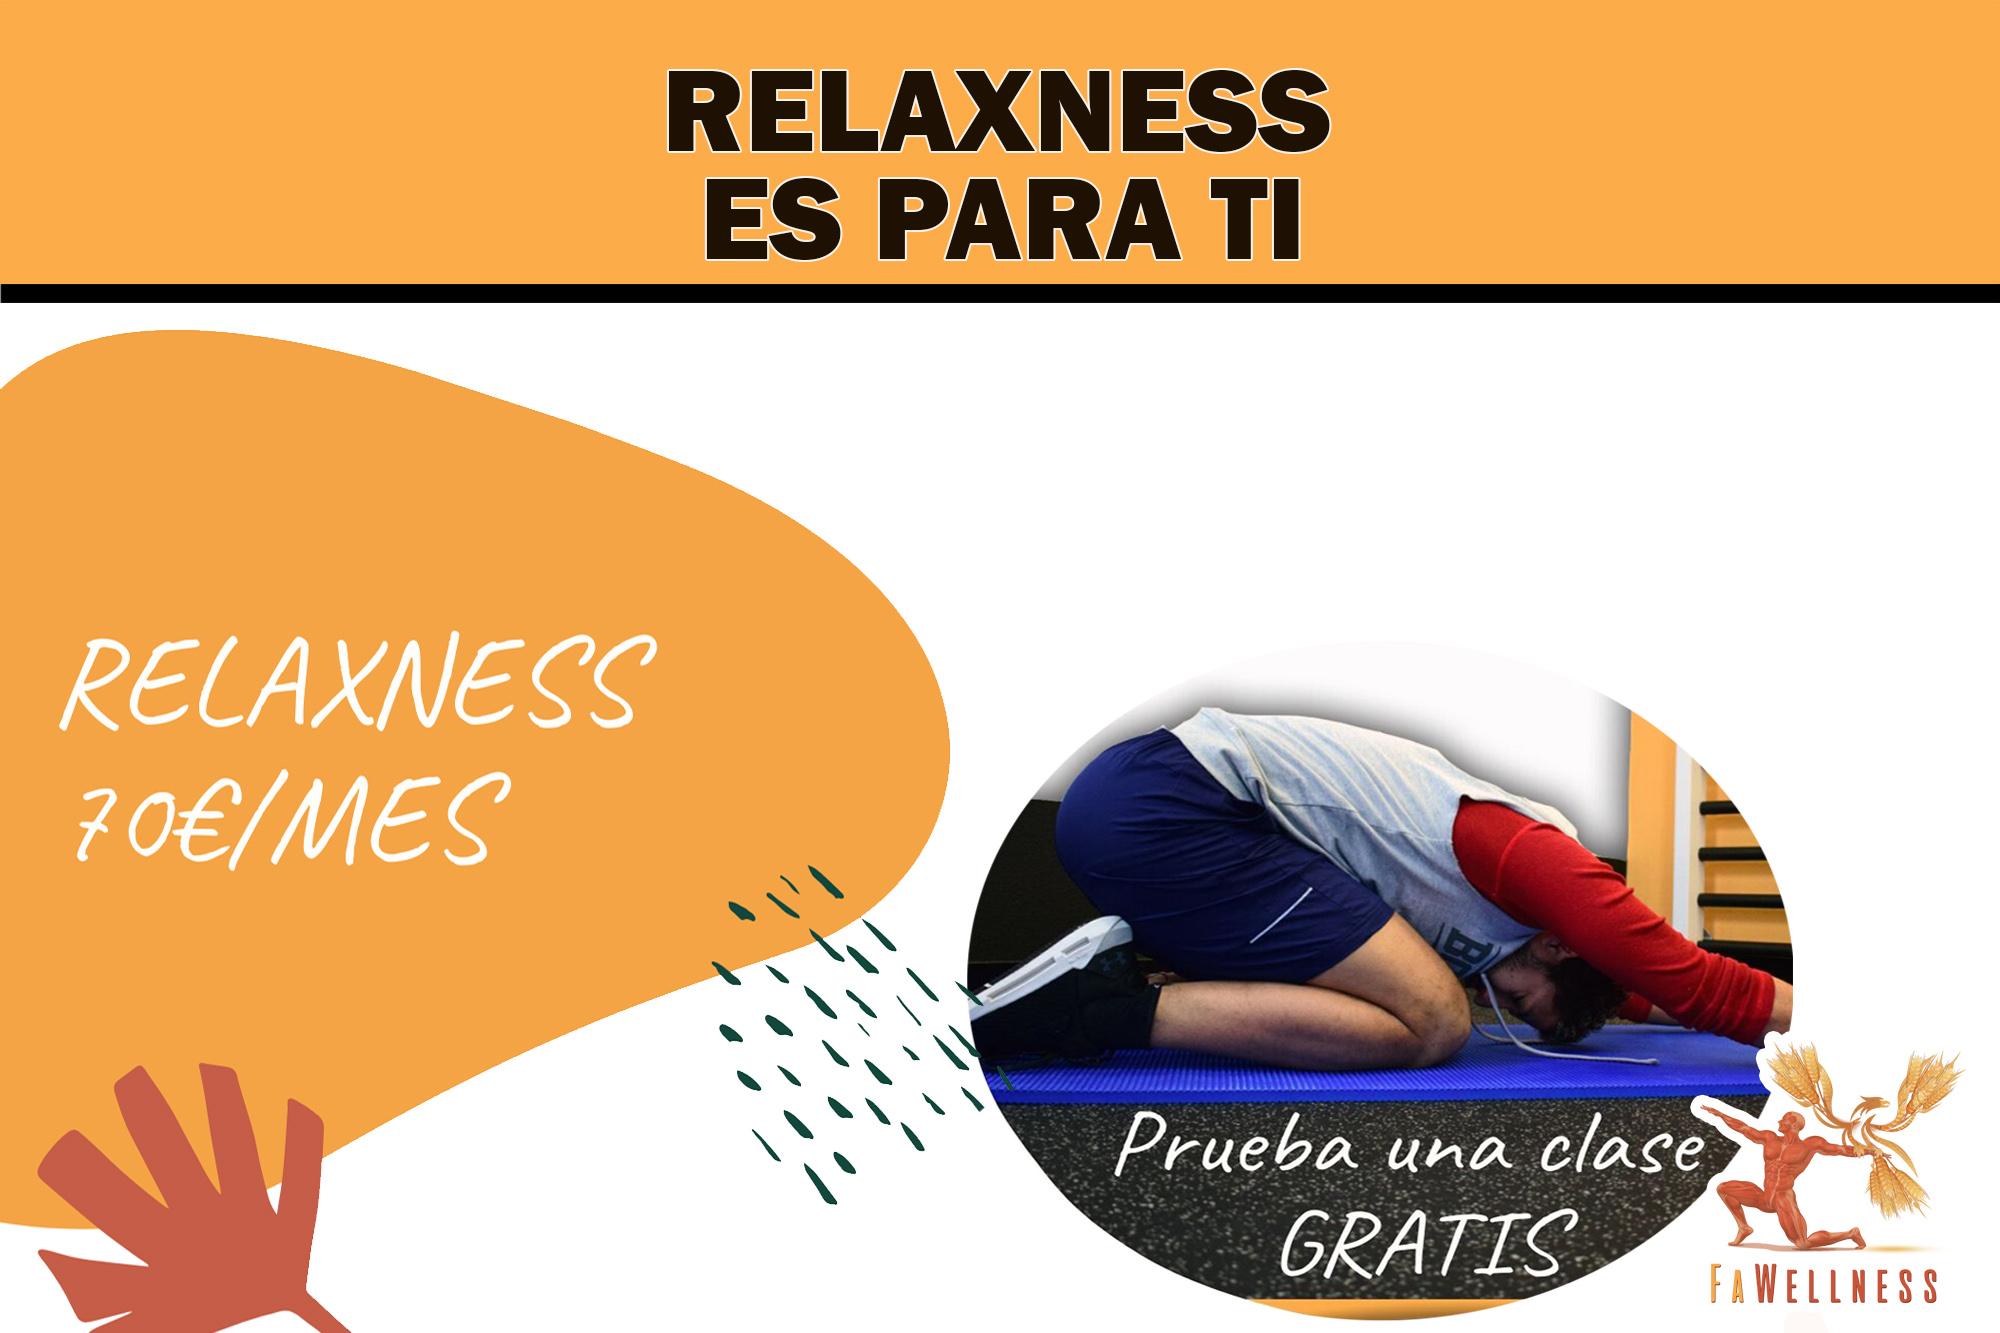 imagen blog FaWellness | NUEVO SERVICIO. RELAXNESS,  ES PARA TI